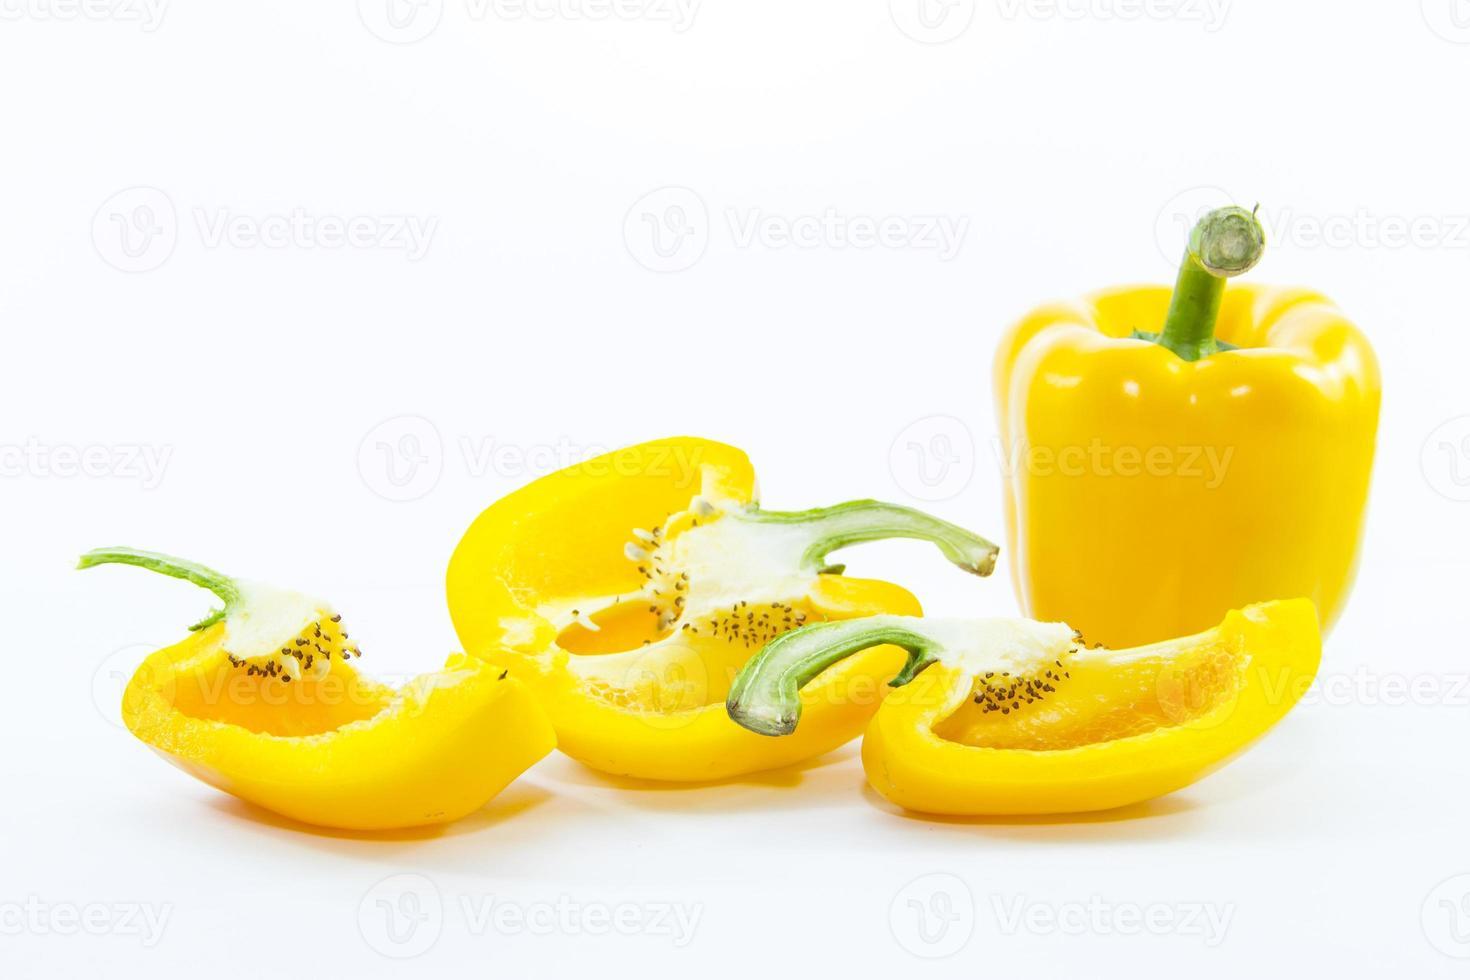 morceaux de poivron piment jaune tranché avec matière première photo